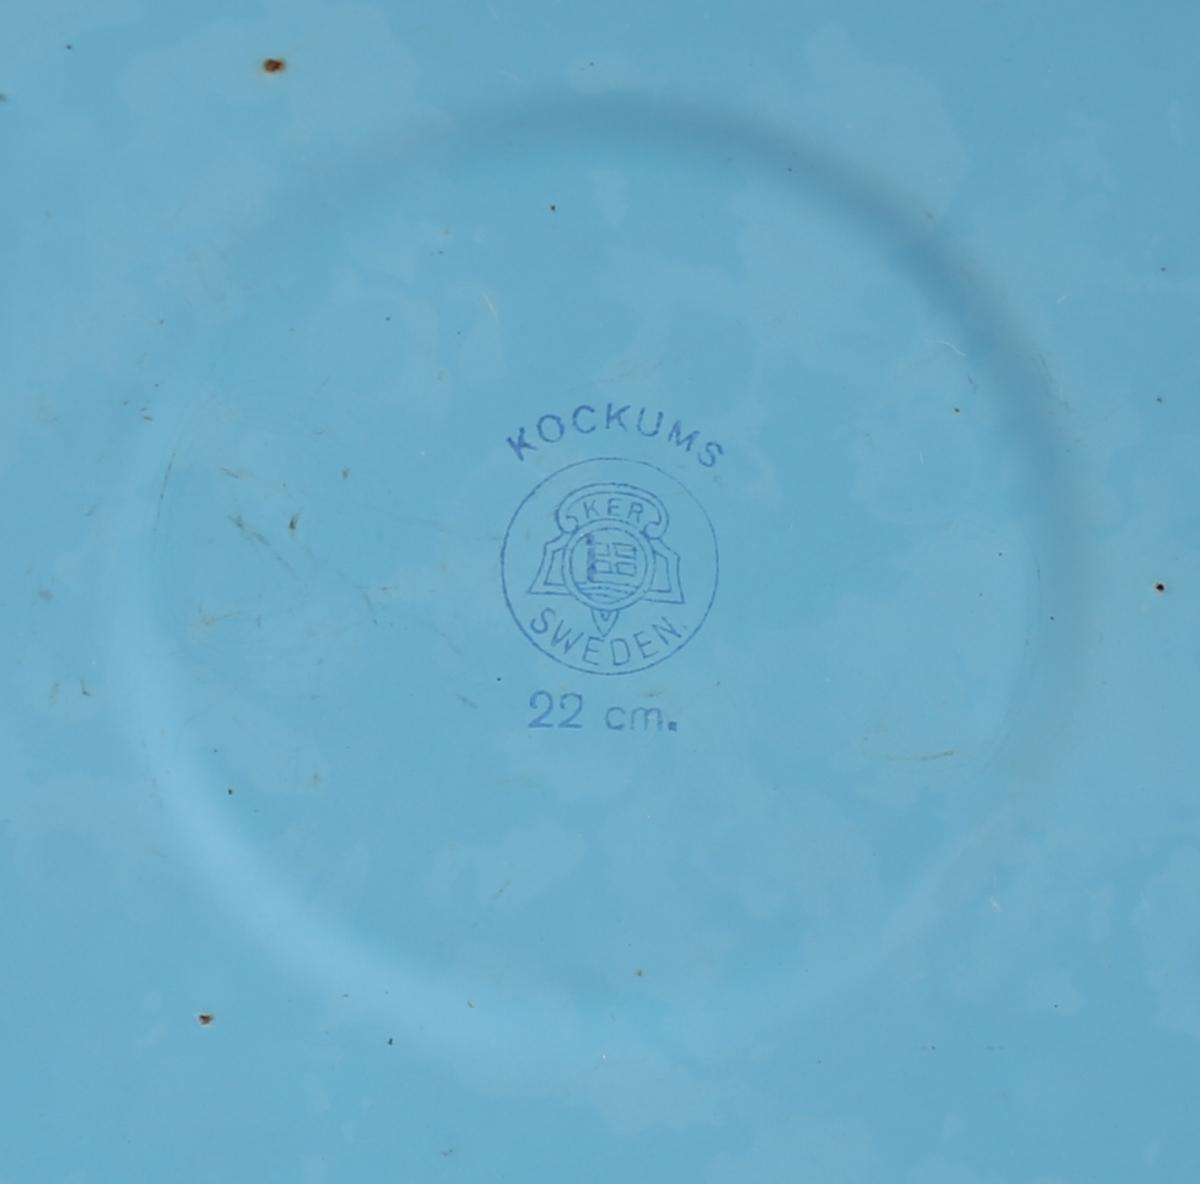 Sylindrisk forma kasserolle/gryte. Kasserollen har tynn botn og avrunda munningsrand. På øvste del av kasserollen to handtak støypt i eitt med korpus. Kasserollen er emaljert innvendig og utvendig i to ulike fargar. Tilhøyrande lokk er sirkelrundt med svak kvelving opp mot toppen der det er eit handtak midt på. Ytst har lokket flat kant for anlegg mot munningsranda på kasserollen. Emaljert inn- og utvendig.